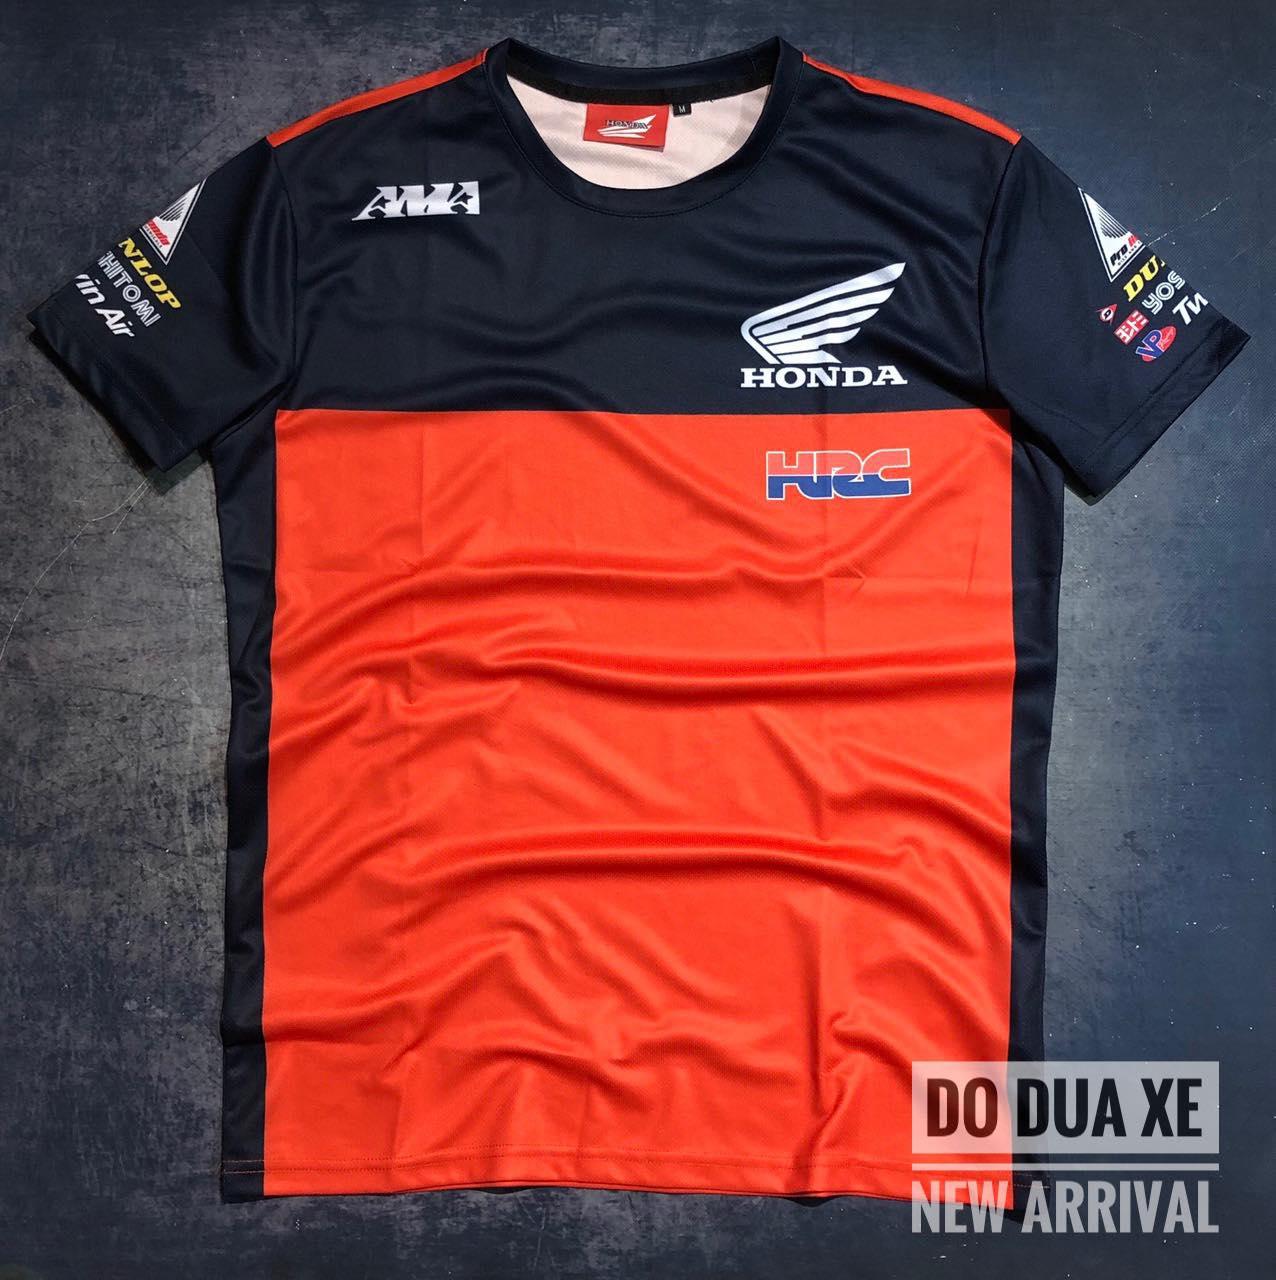 doduaxe.com: Chuyên cung cấp quần áo phụ kiện đua xe - 43